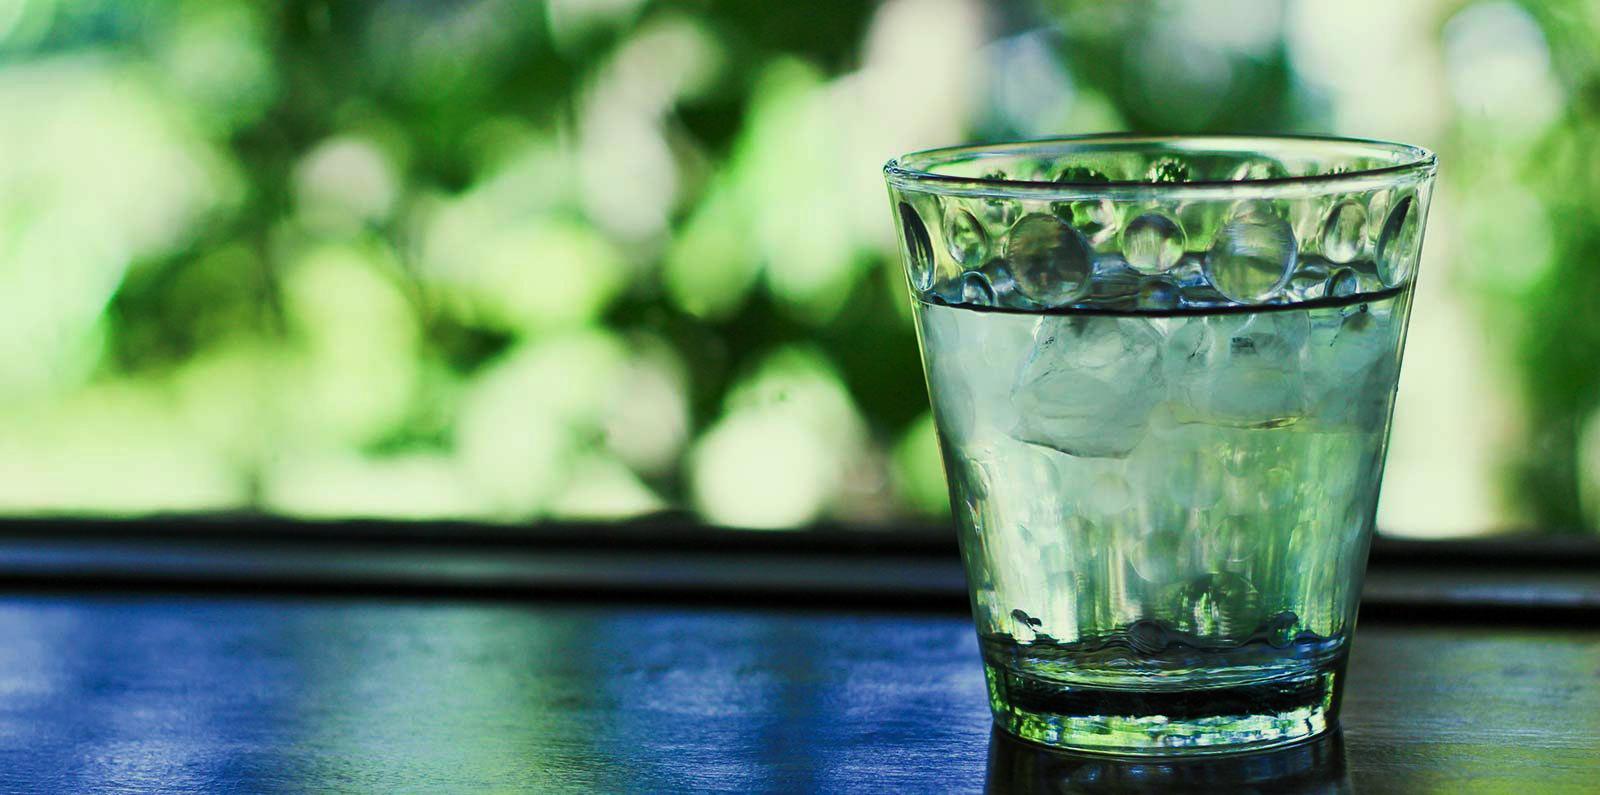 Wasserglas | Kondrauer Mineral- und Heilbrunnen